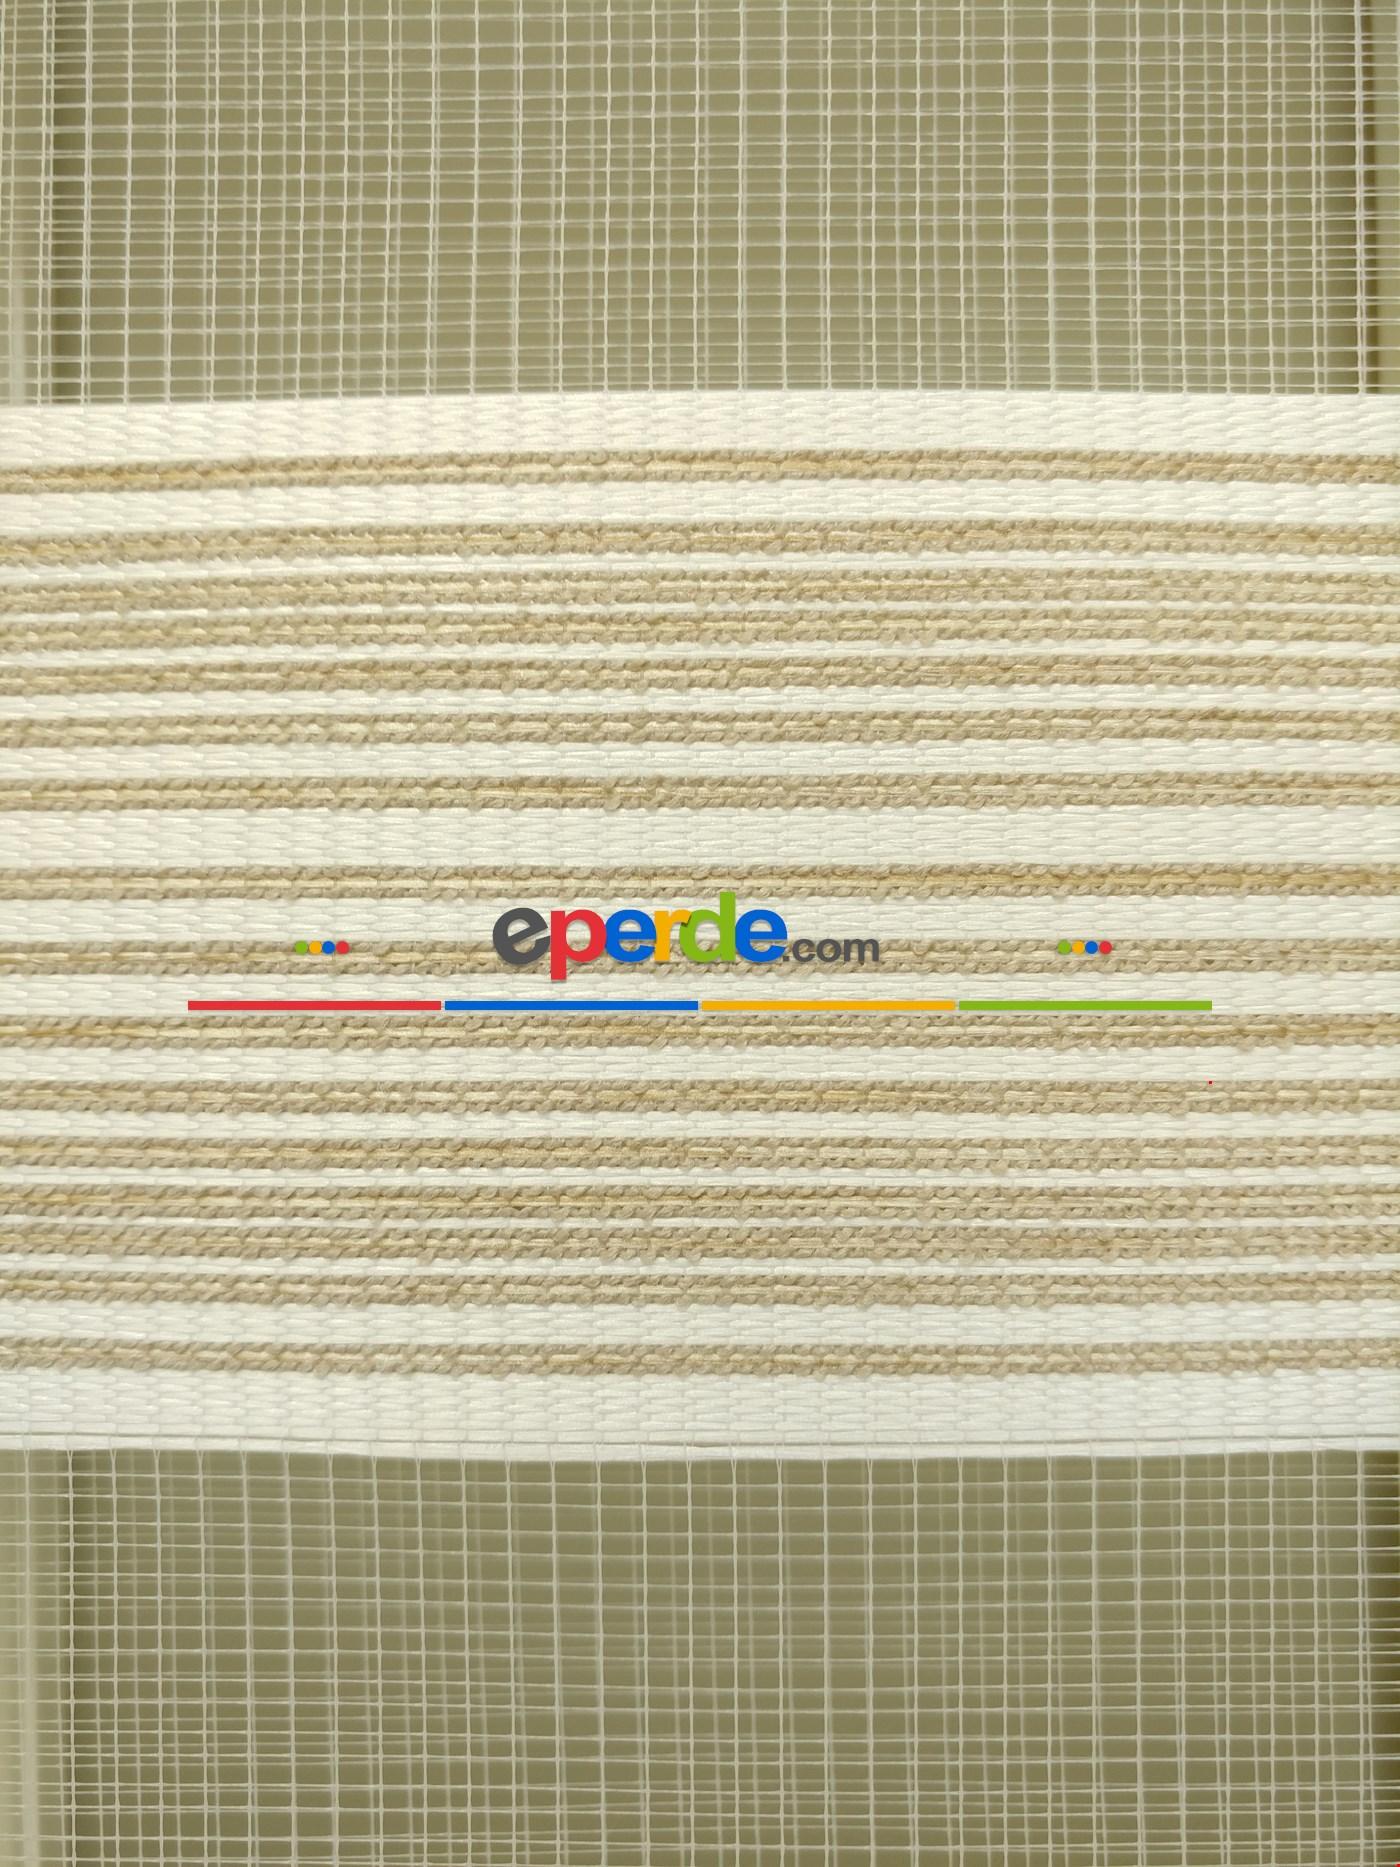 Zebra Perde - Nehir Bej-kum Beji Renk Bambu (geçiş Zeminli)